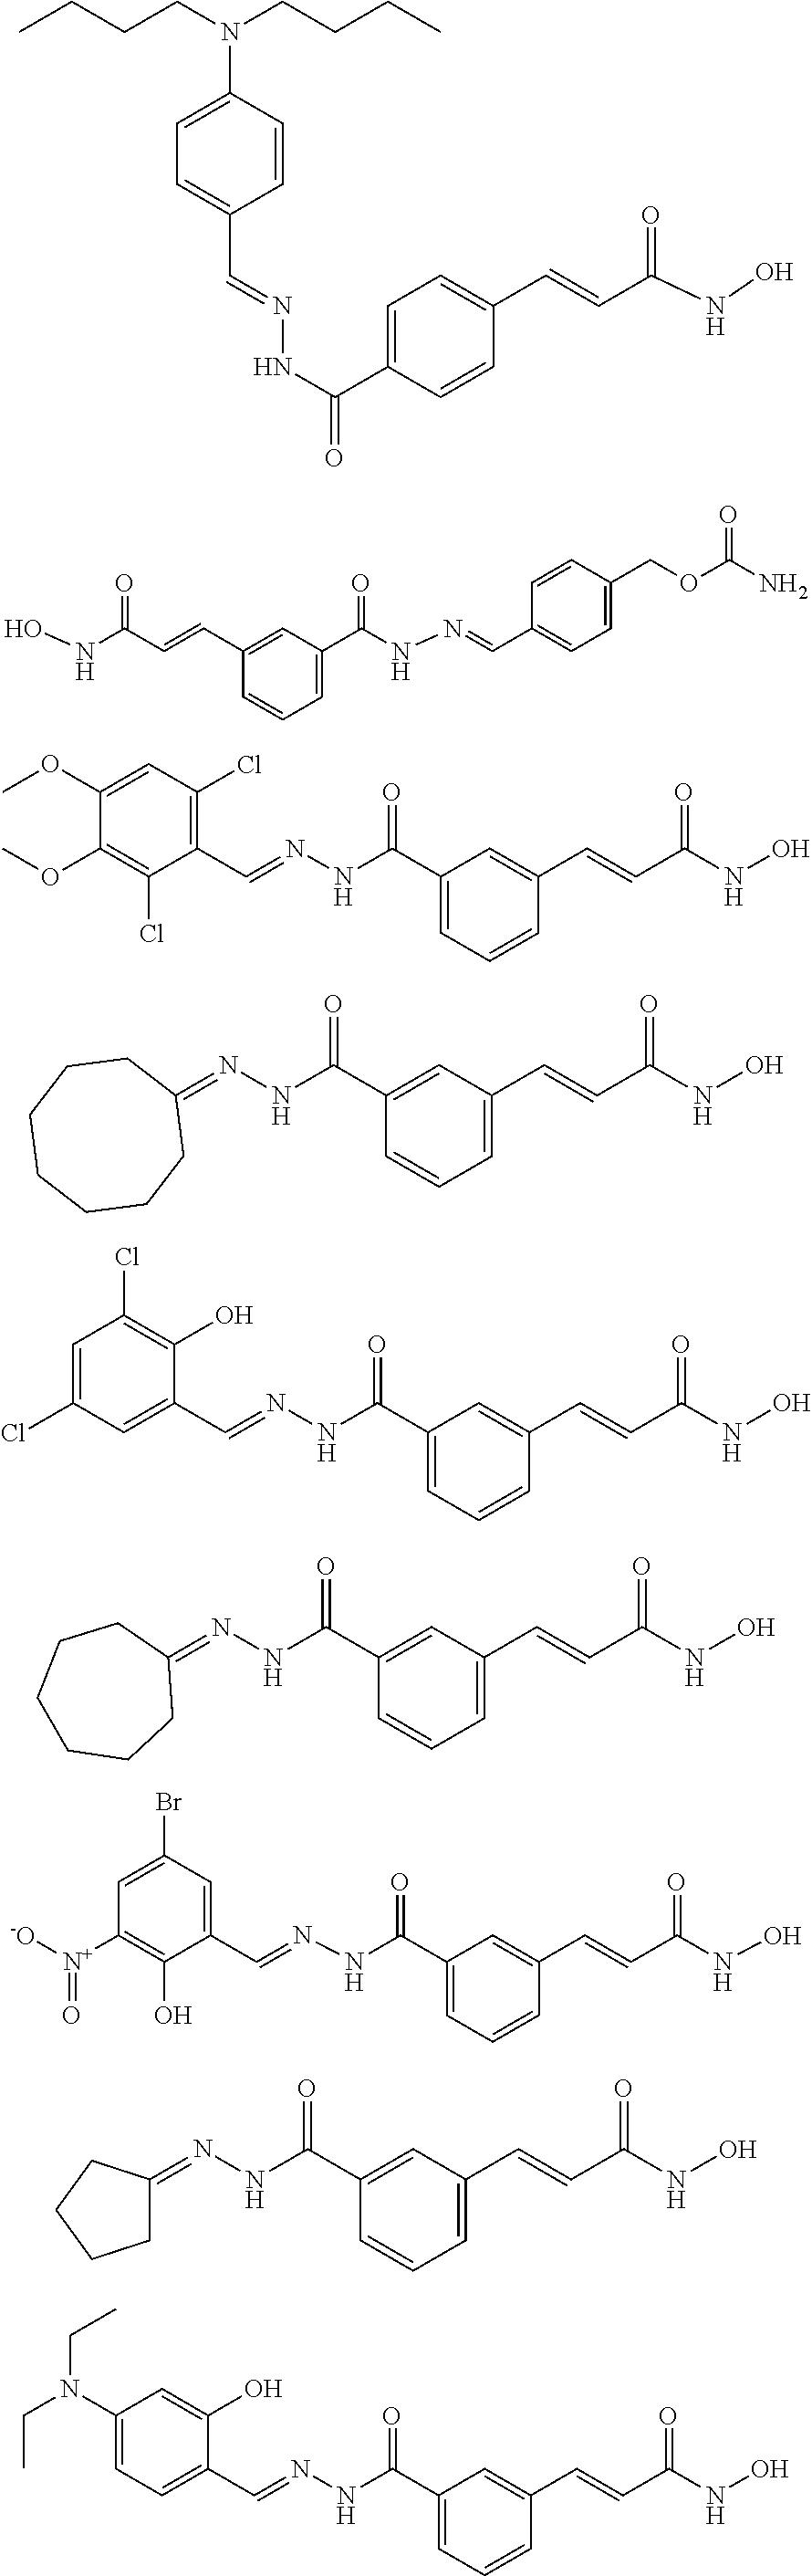 Figure US09540317-20170110-C00076